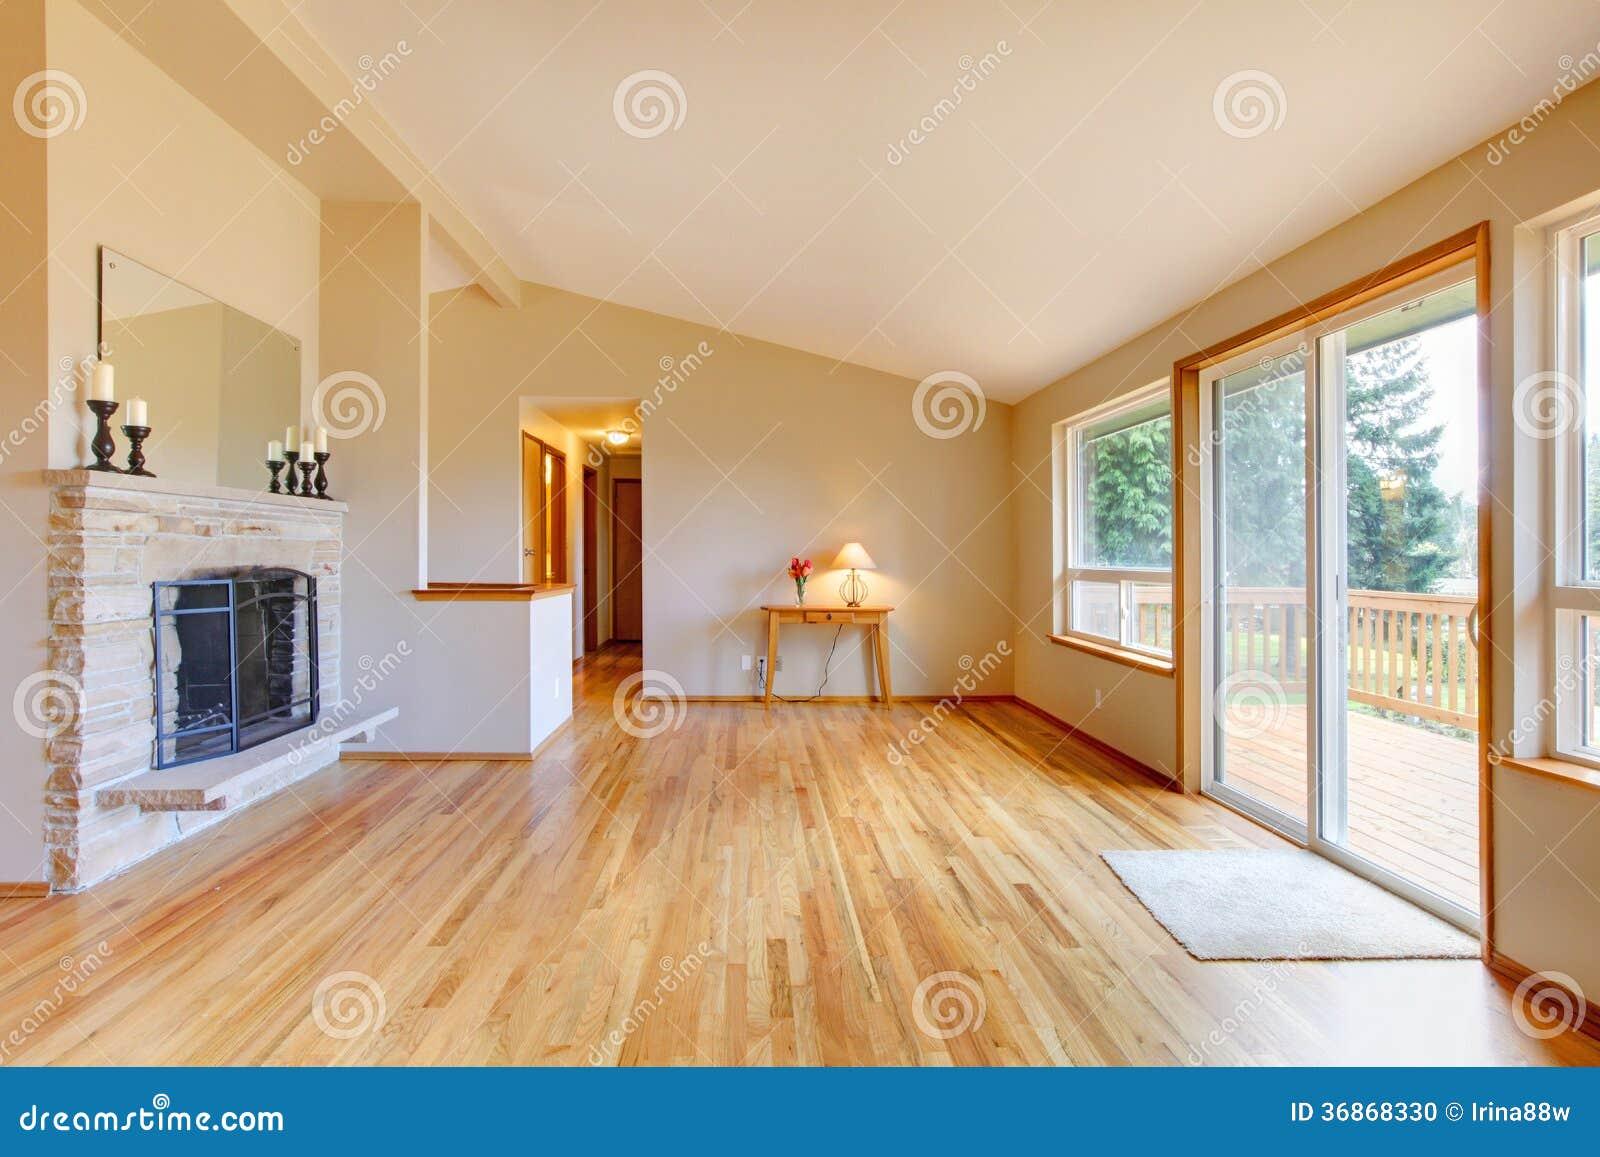 Salon vide avec une cheminée et une porte coulissante en verre